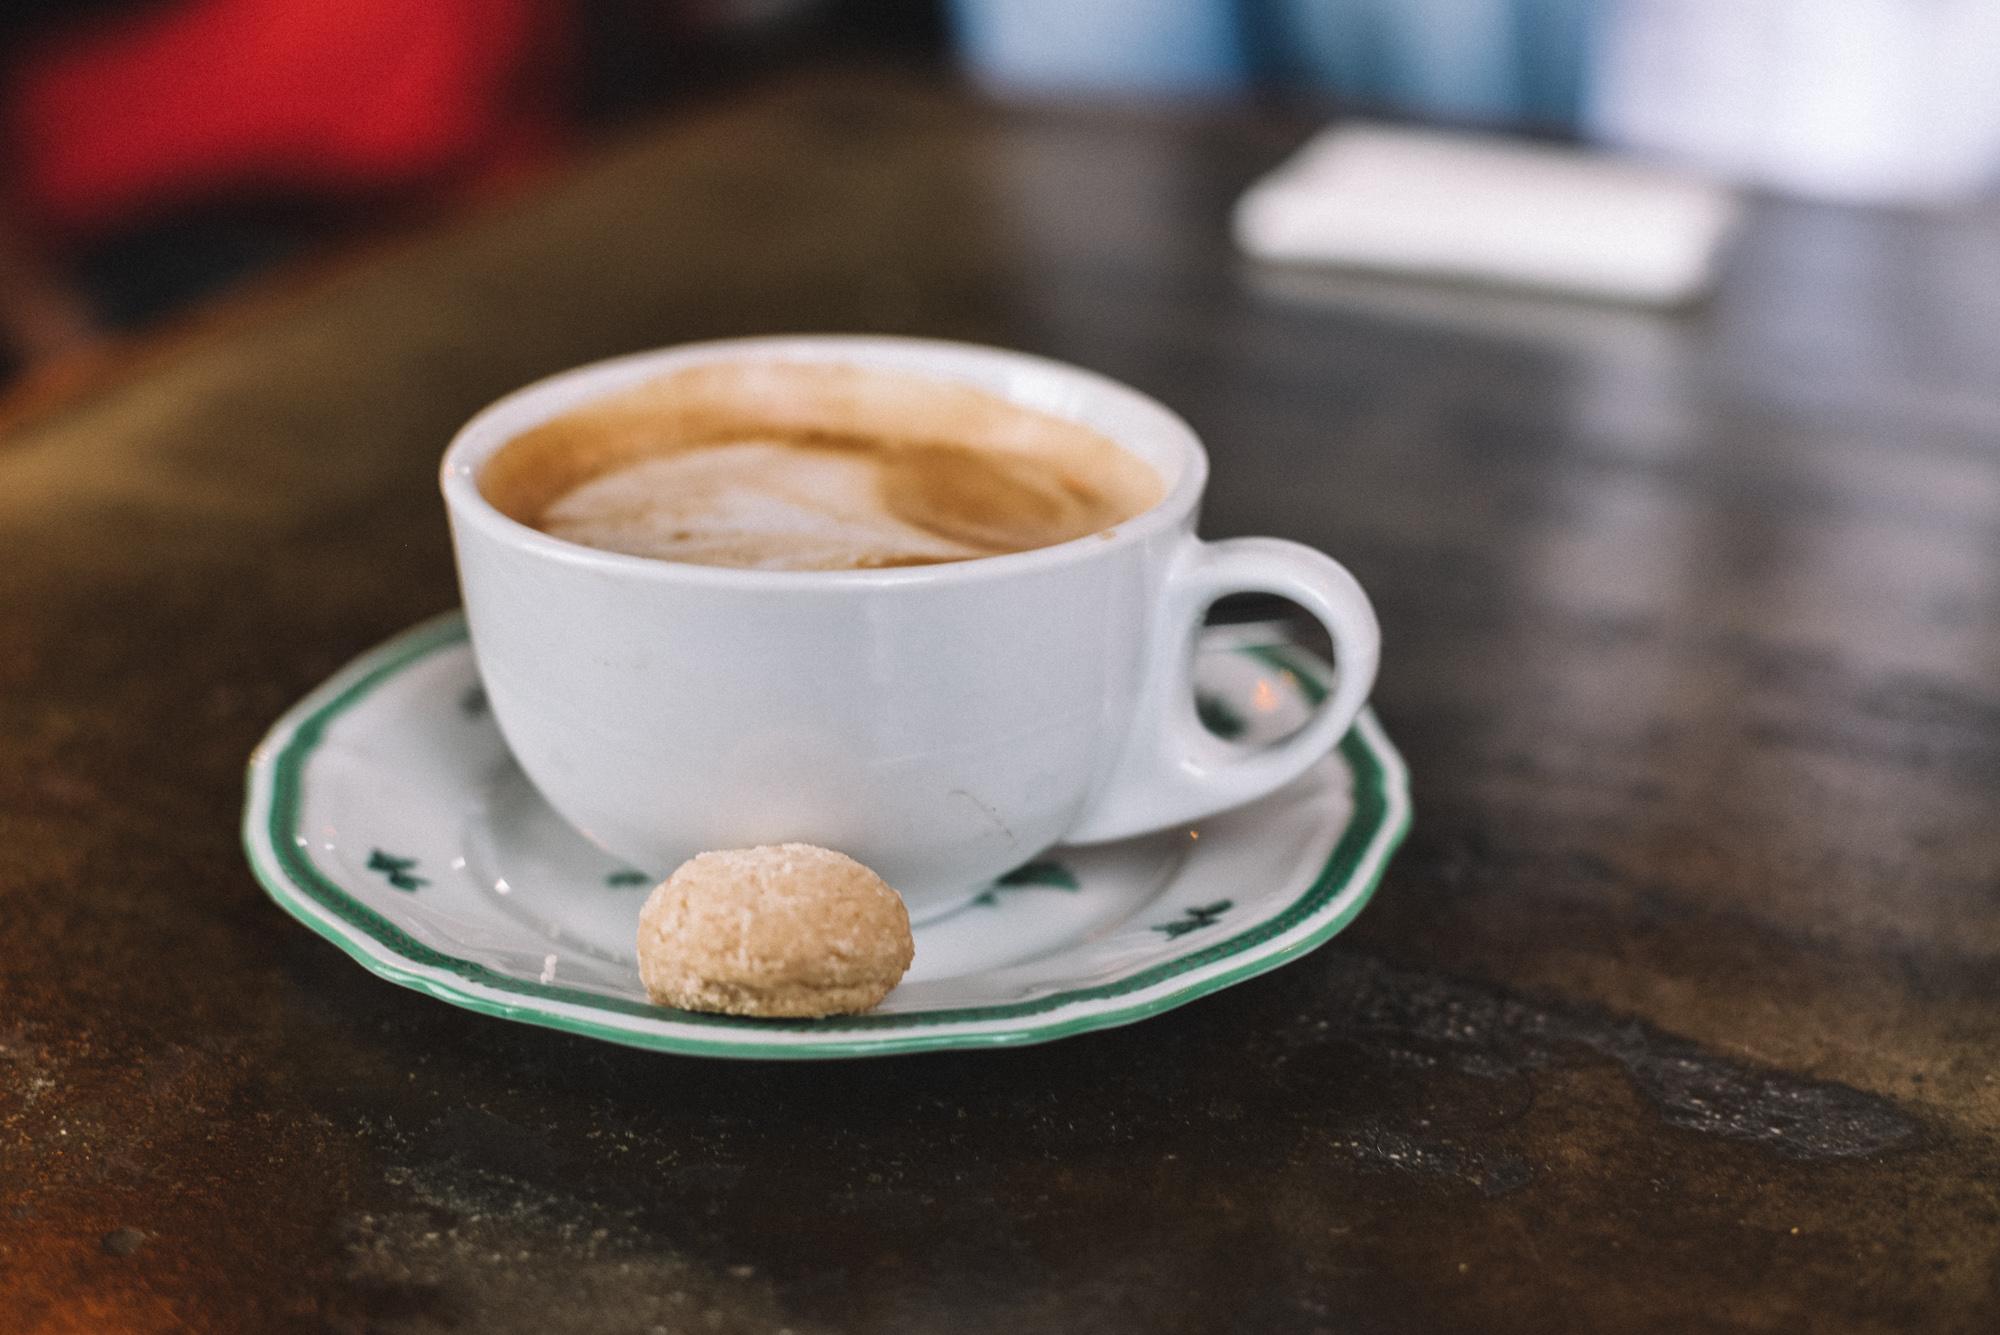 El clásico cafecito de cordialito....